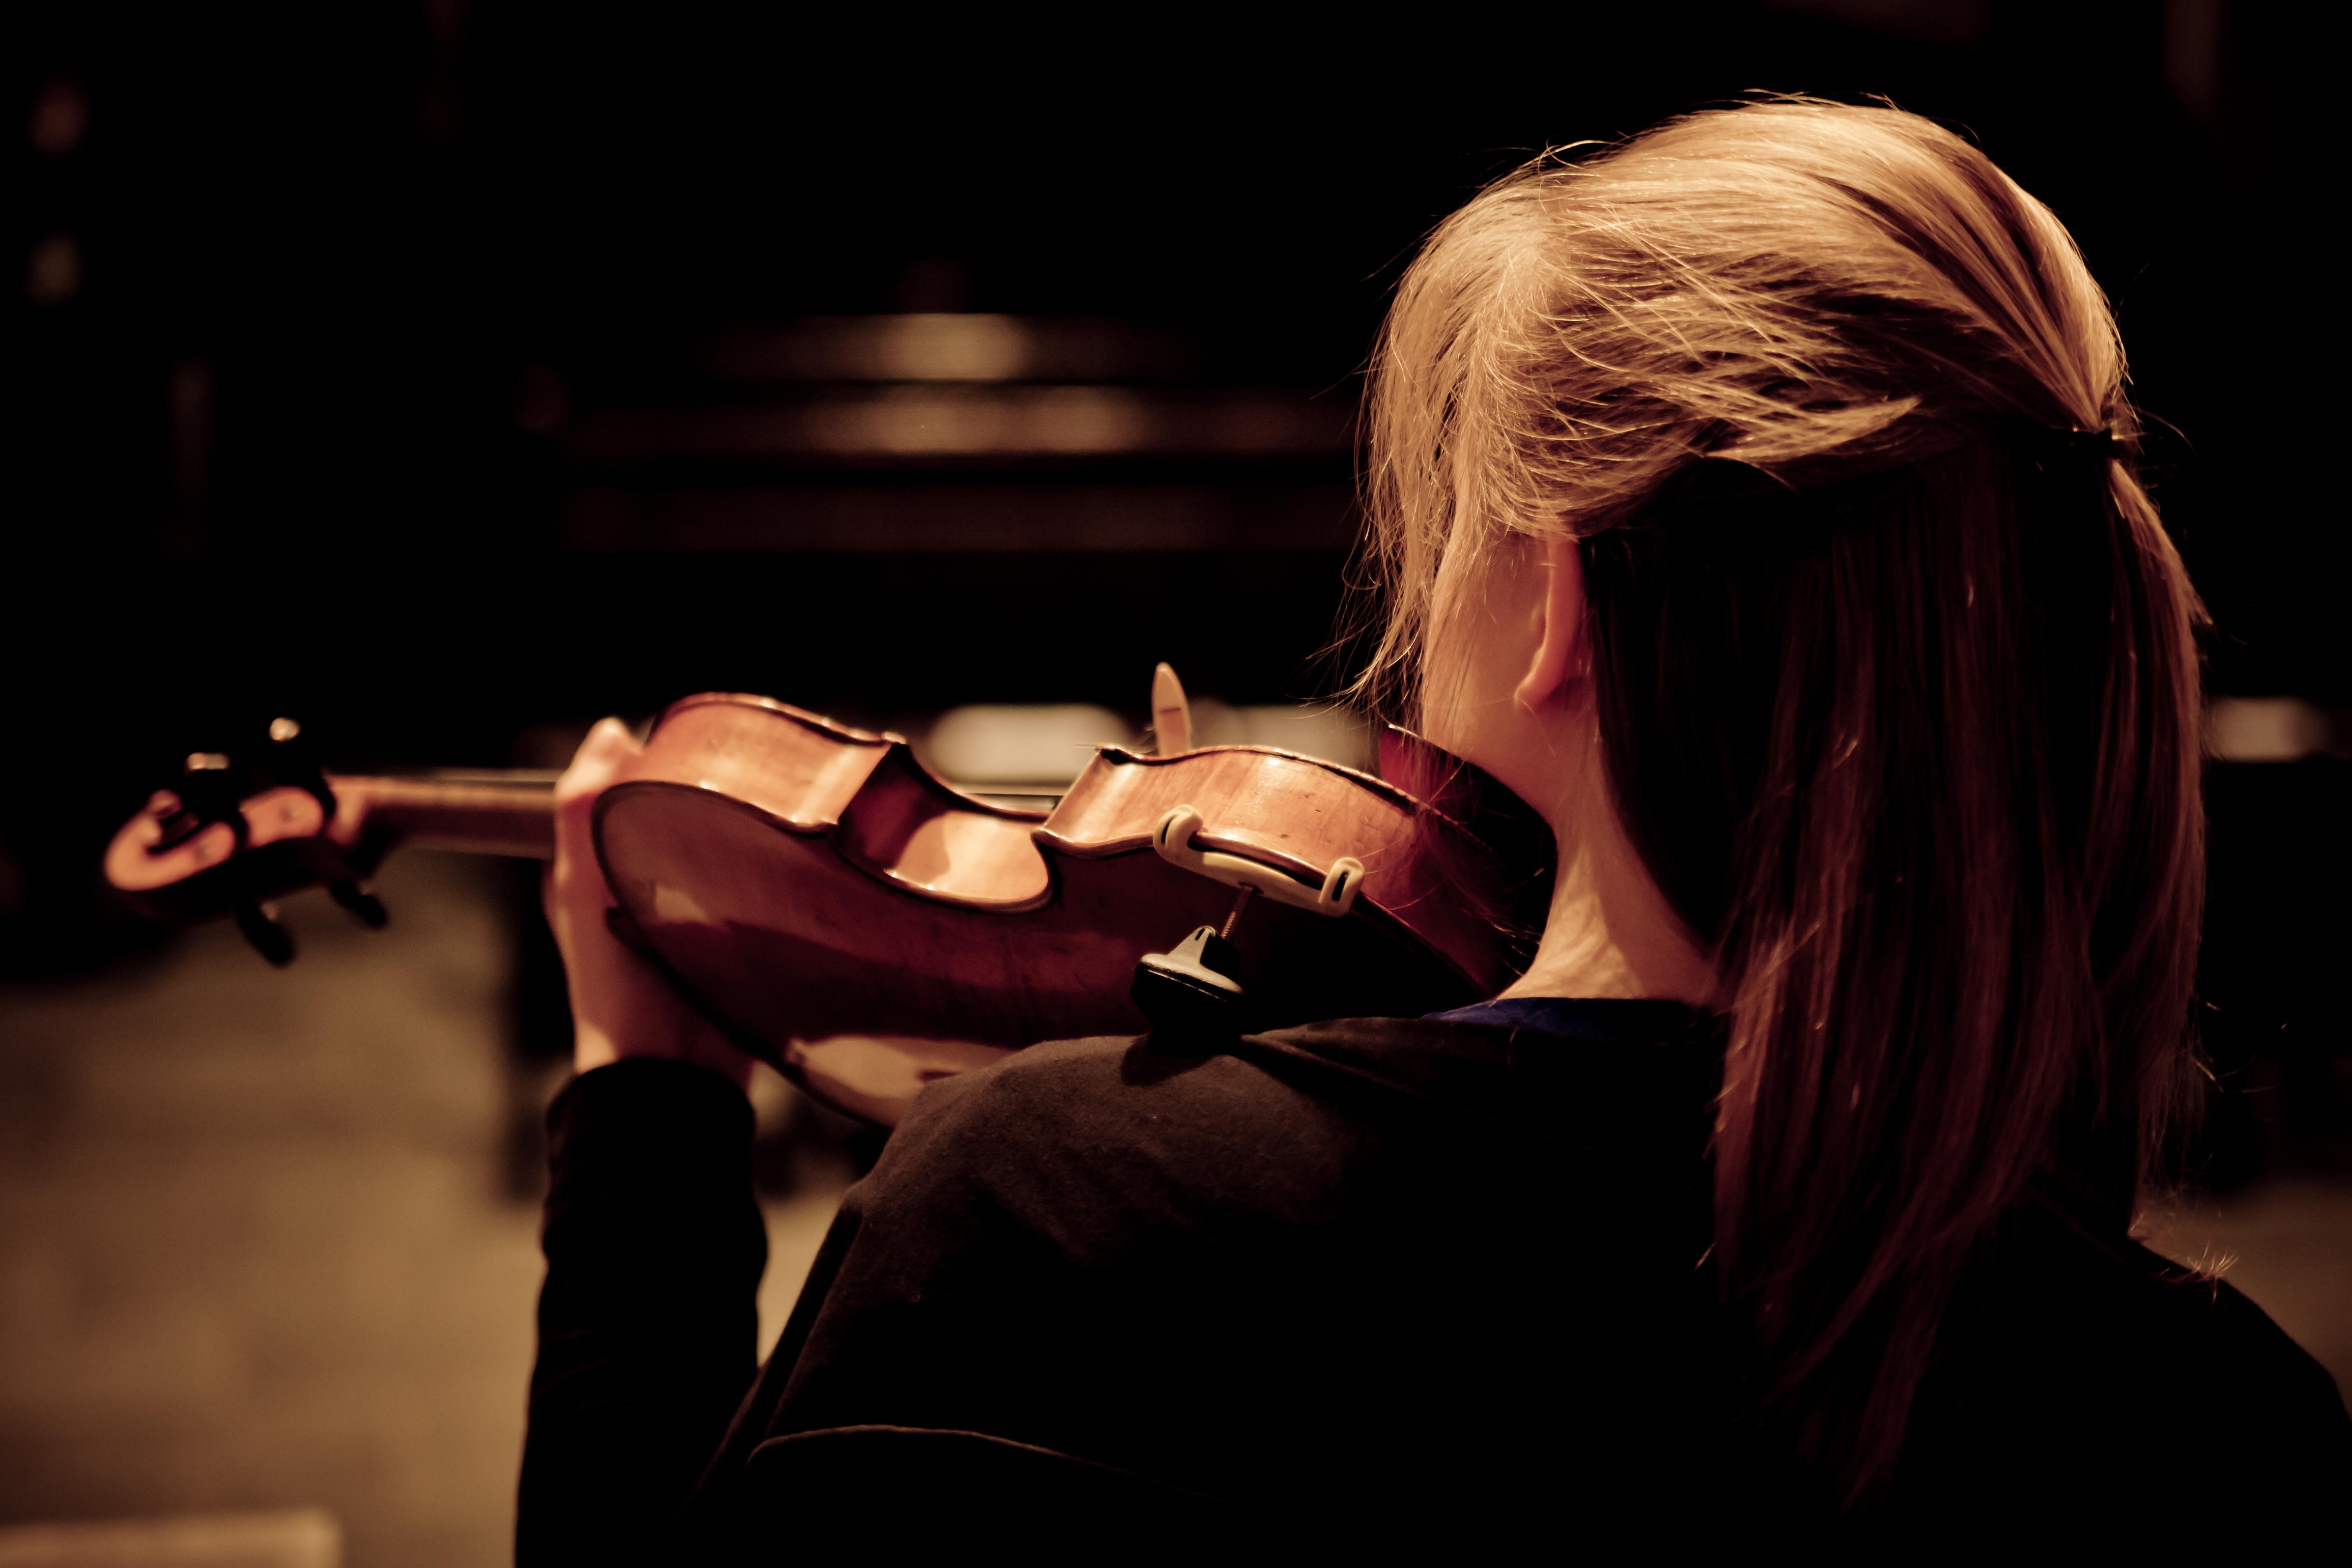 Девушка скрипка  № 707594 загрузить